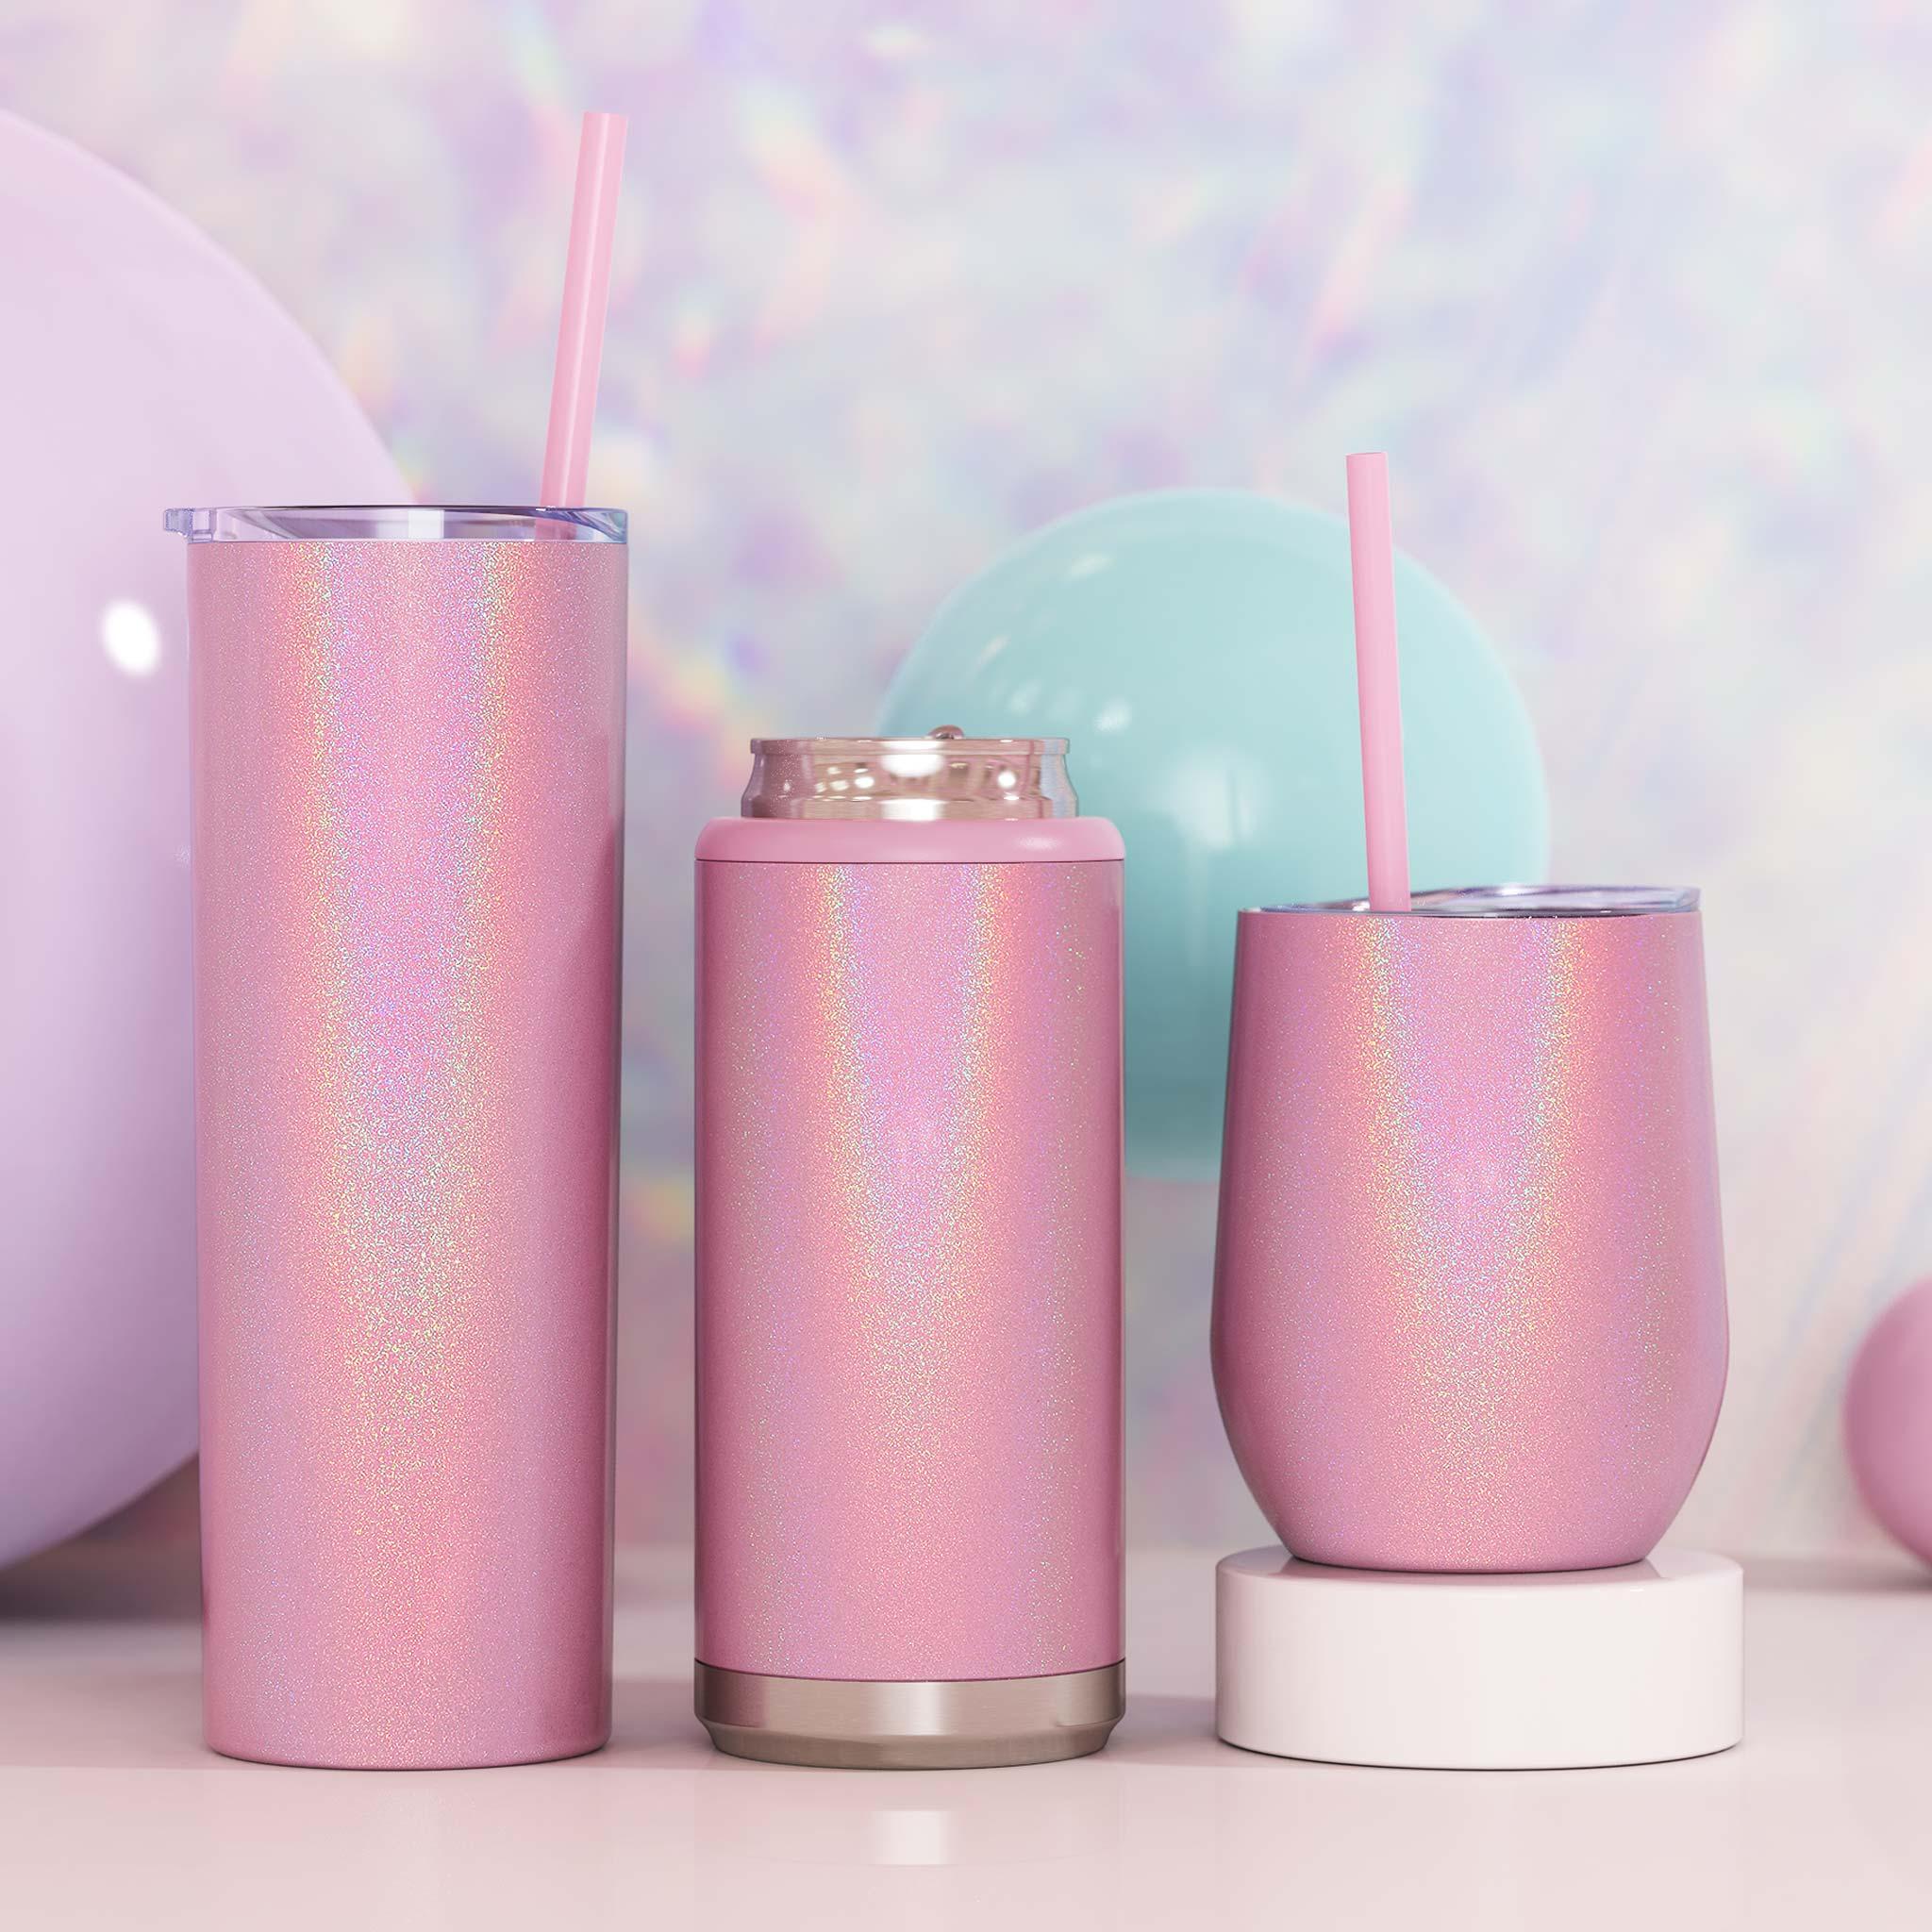 maars-pink-magic-bev-steel-skinny-can-skinny-steel-social (1)